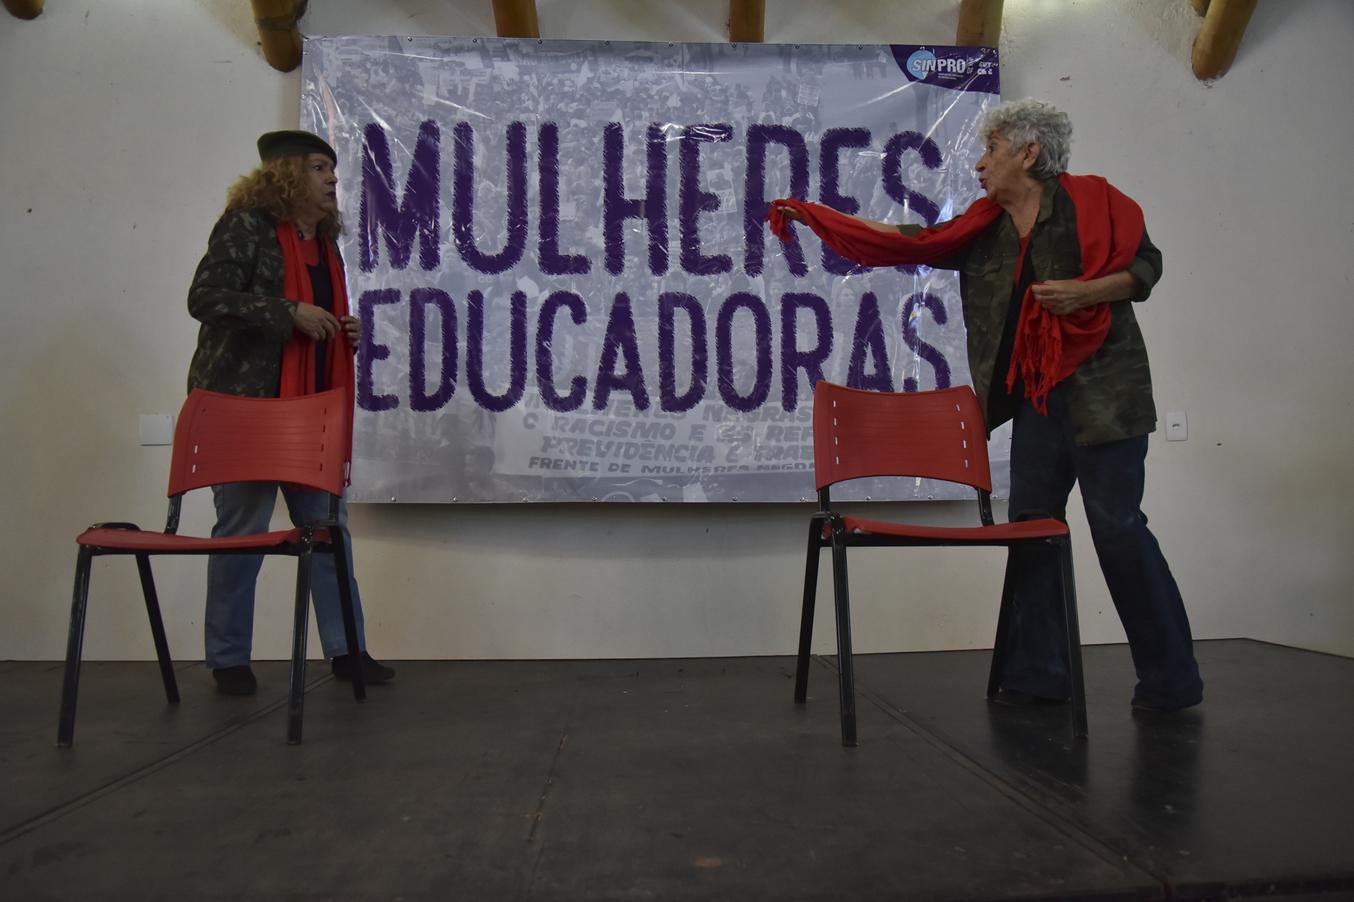 2019.04.27_ENCONTRO-MULHERES-EDUCADORAS_fotos-Deva-Garcia-43